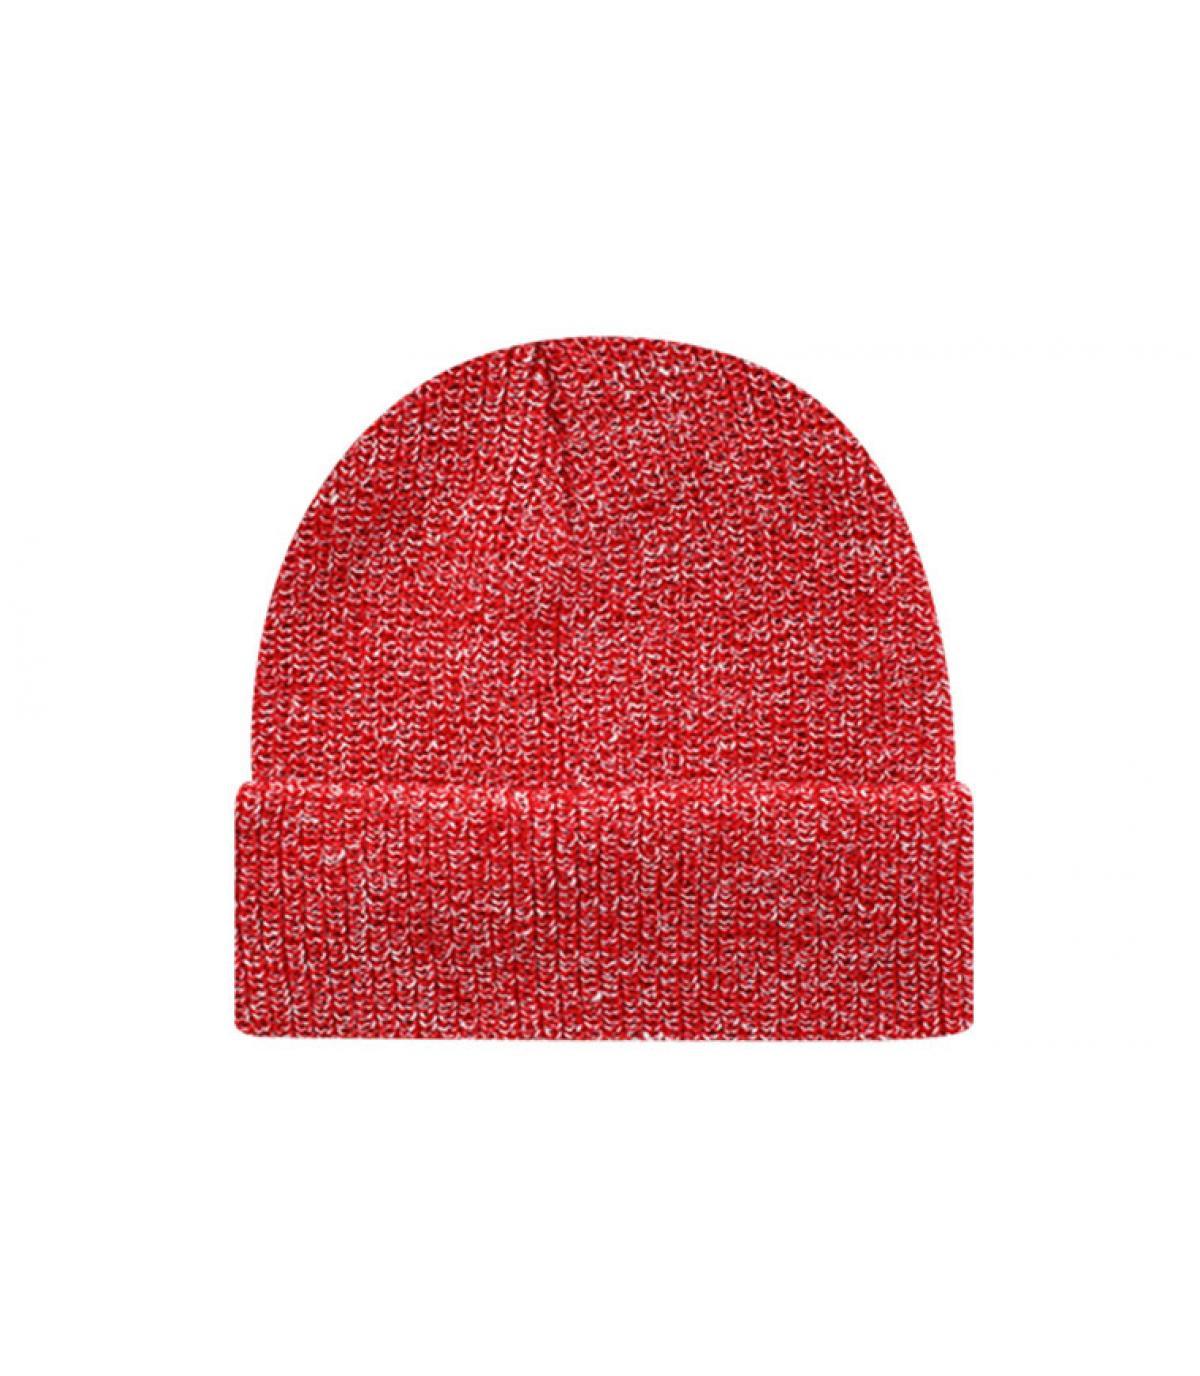 Bonnet blank heather red